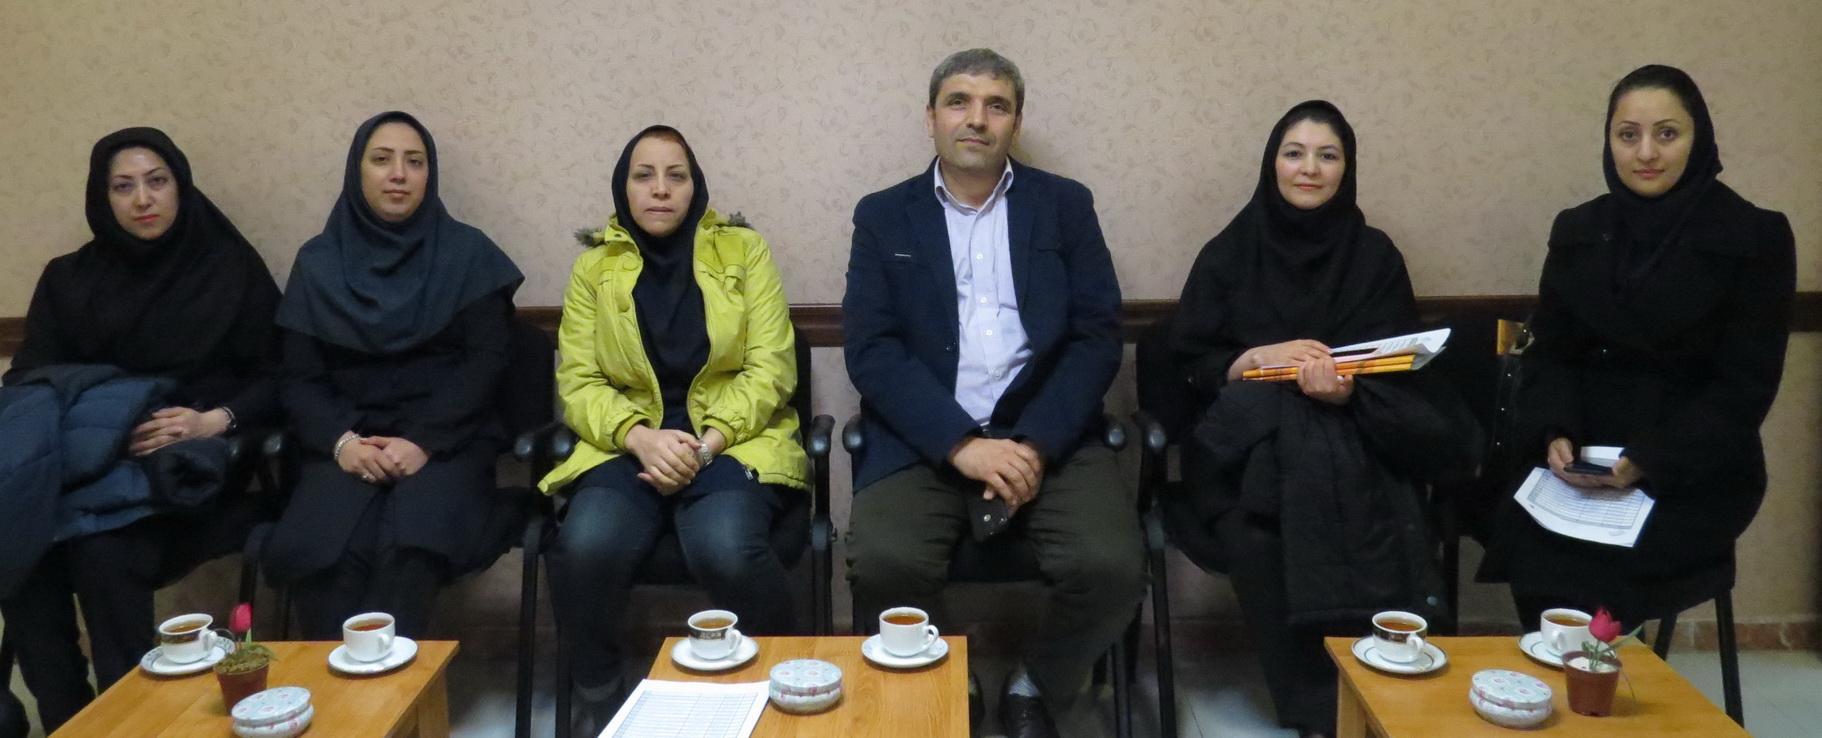 کارشناسان دبیرخانه کمیسیون نشریات علمی وزارت عتف از ایرانداک بازدید کردند